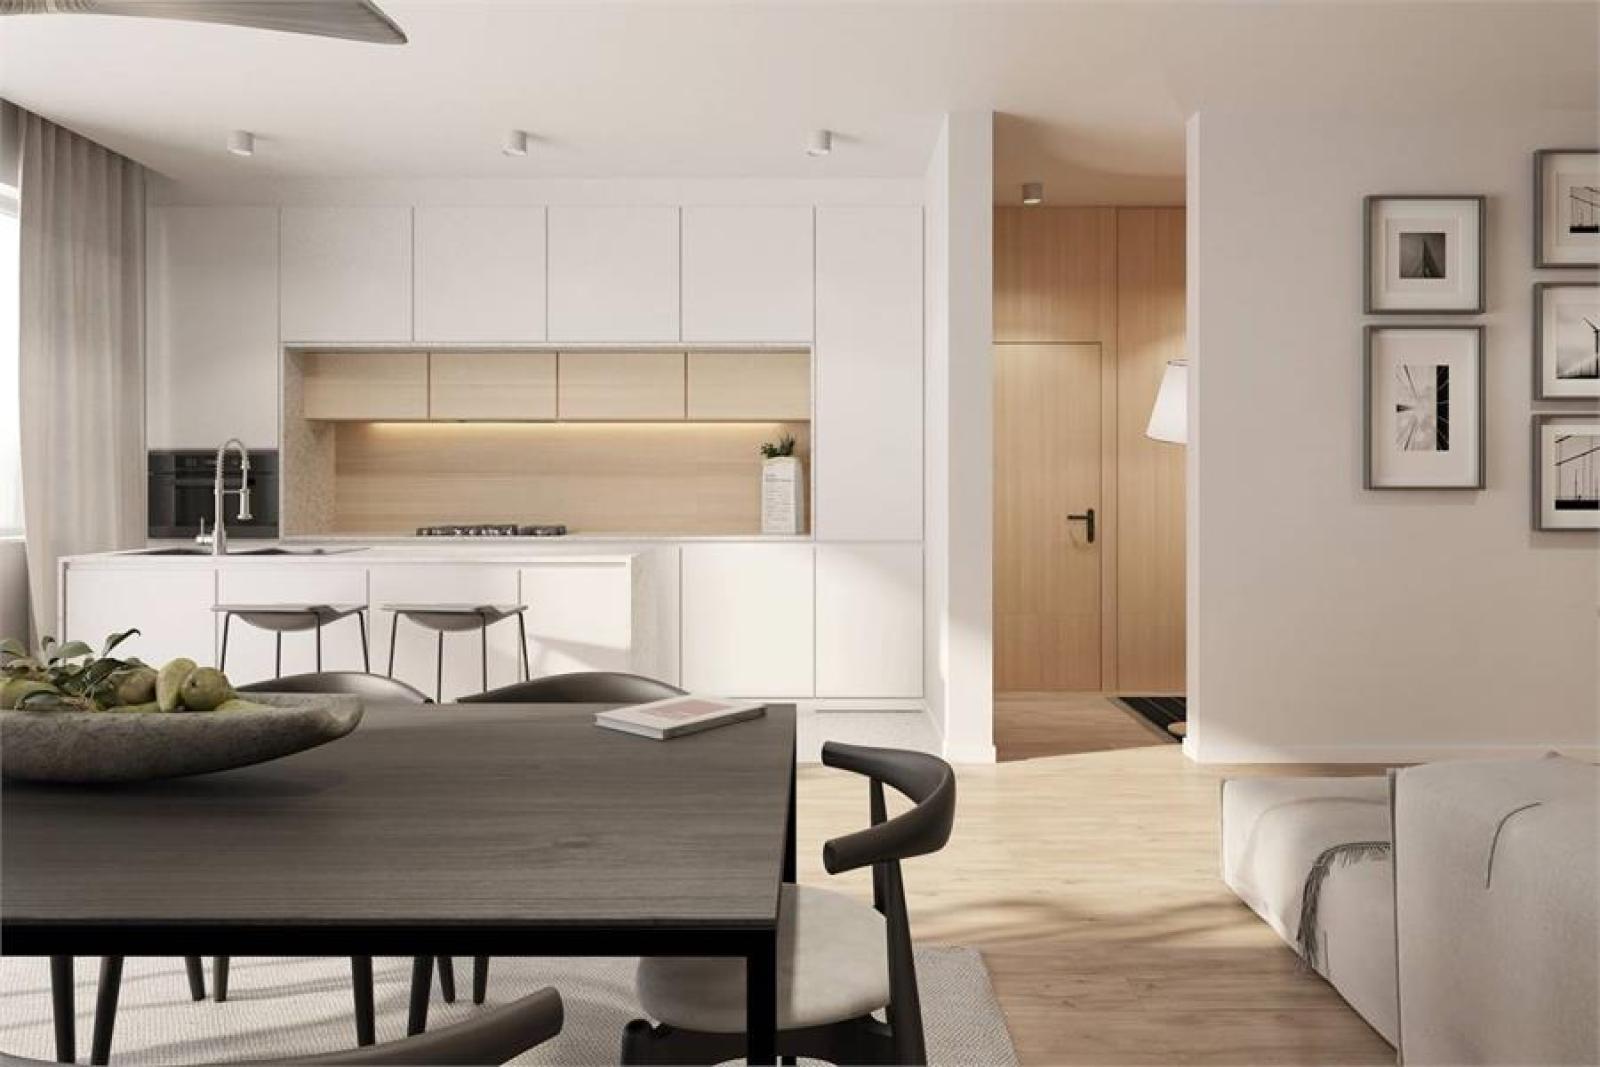 Licht en functioneel appartement (+/-98,8m²) met 3 slaapkamers, terras en zuid-georiënteerde privatieve tuin (81m²)! afbeelding 6